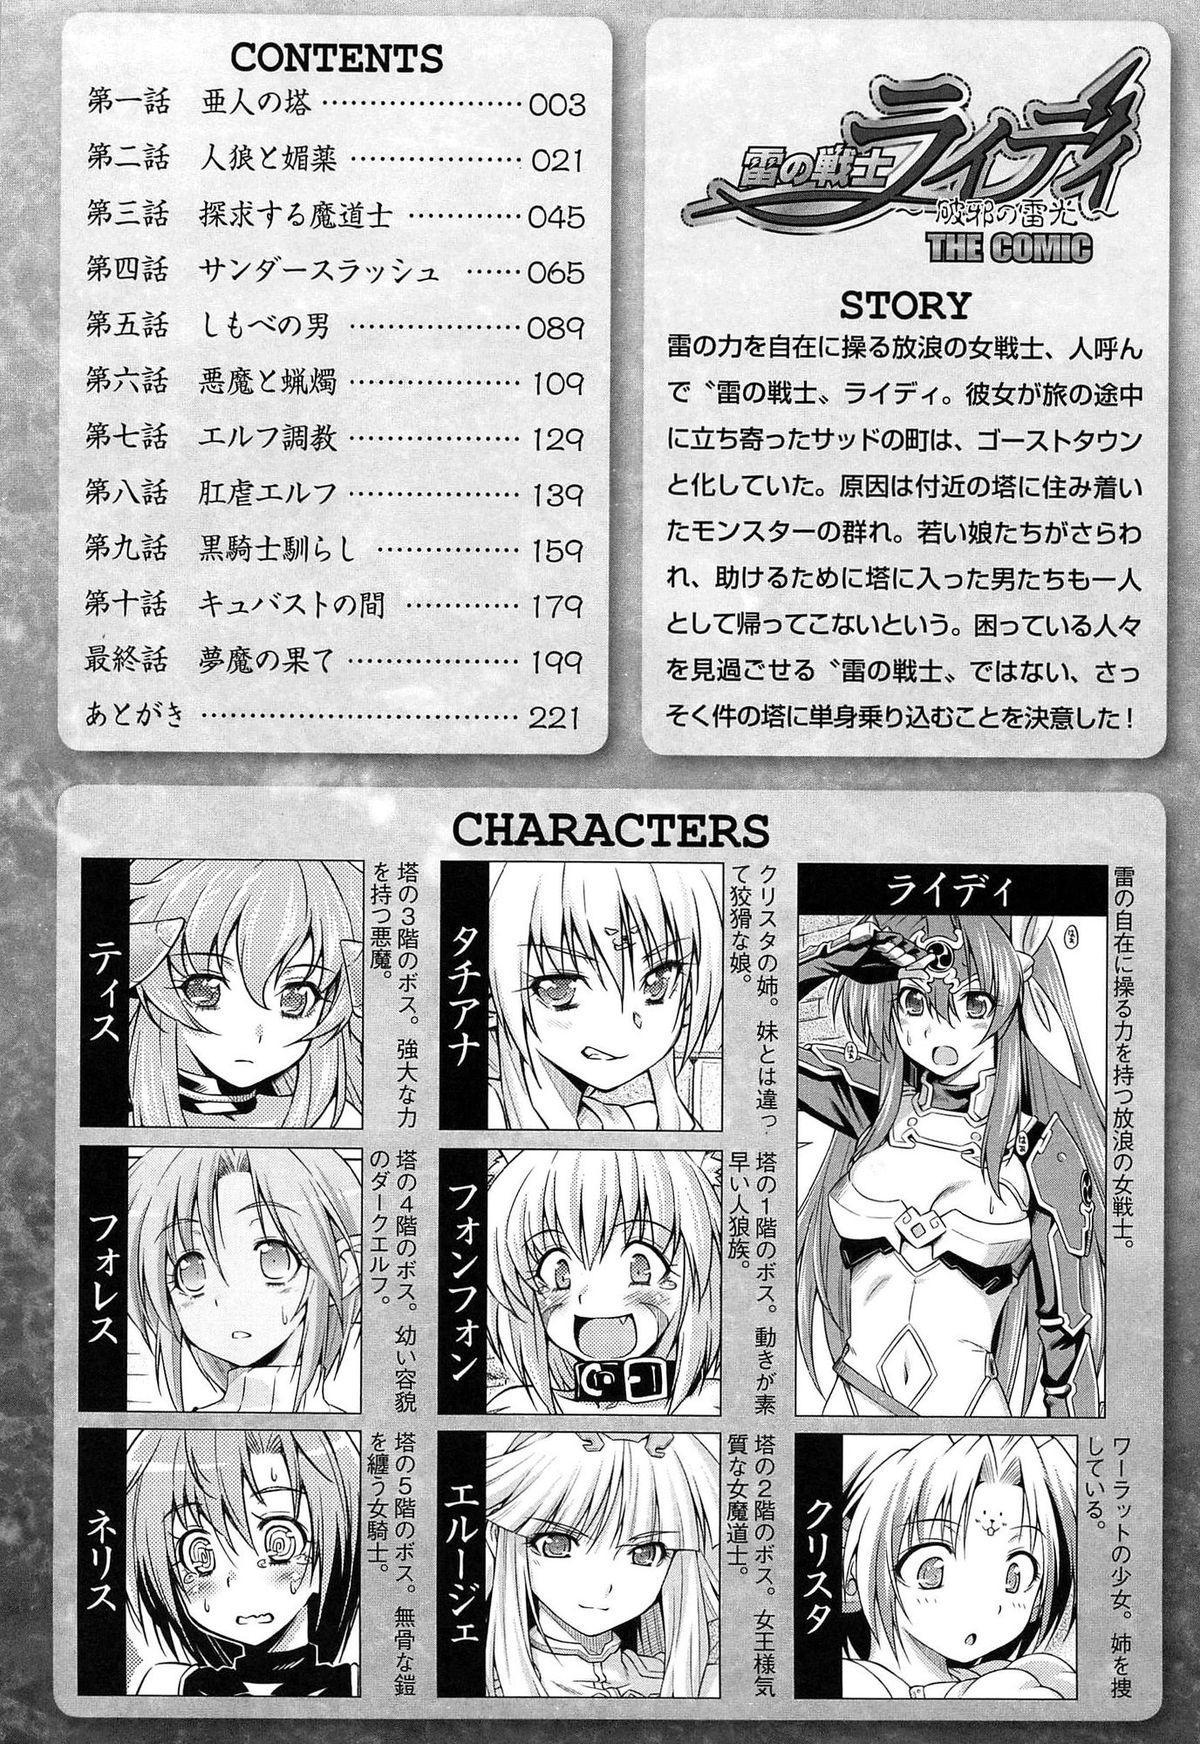 [kazuma muramasa, ZyX] Ikazuchi no Senshi Raidy ~Haja no Raikou~ THE COMIC 9